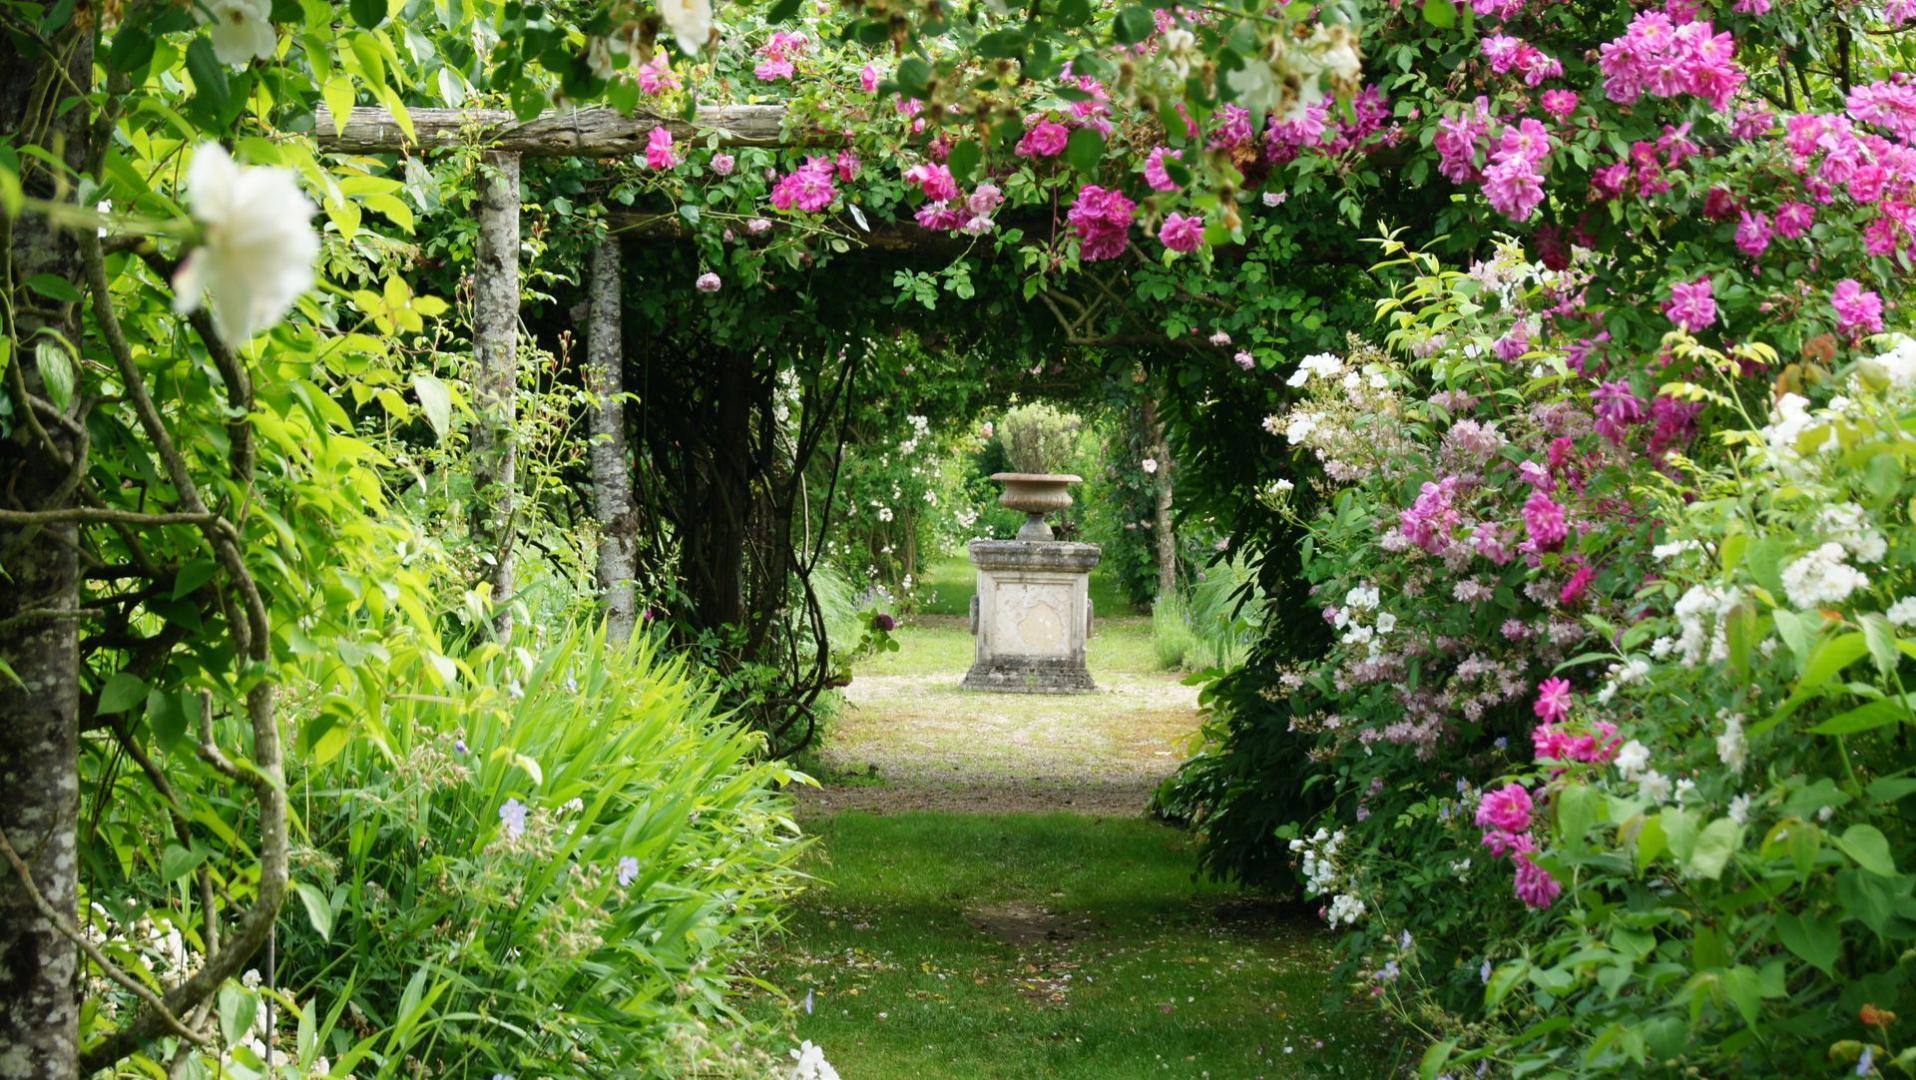 Jardines rom nticos valle del loira un viaje por francia for Jardines romanticos